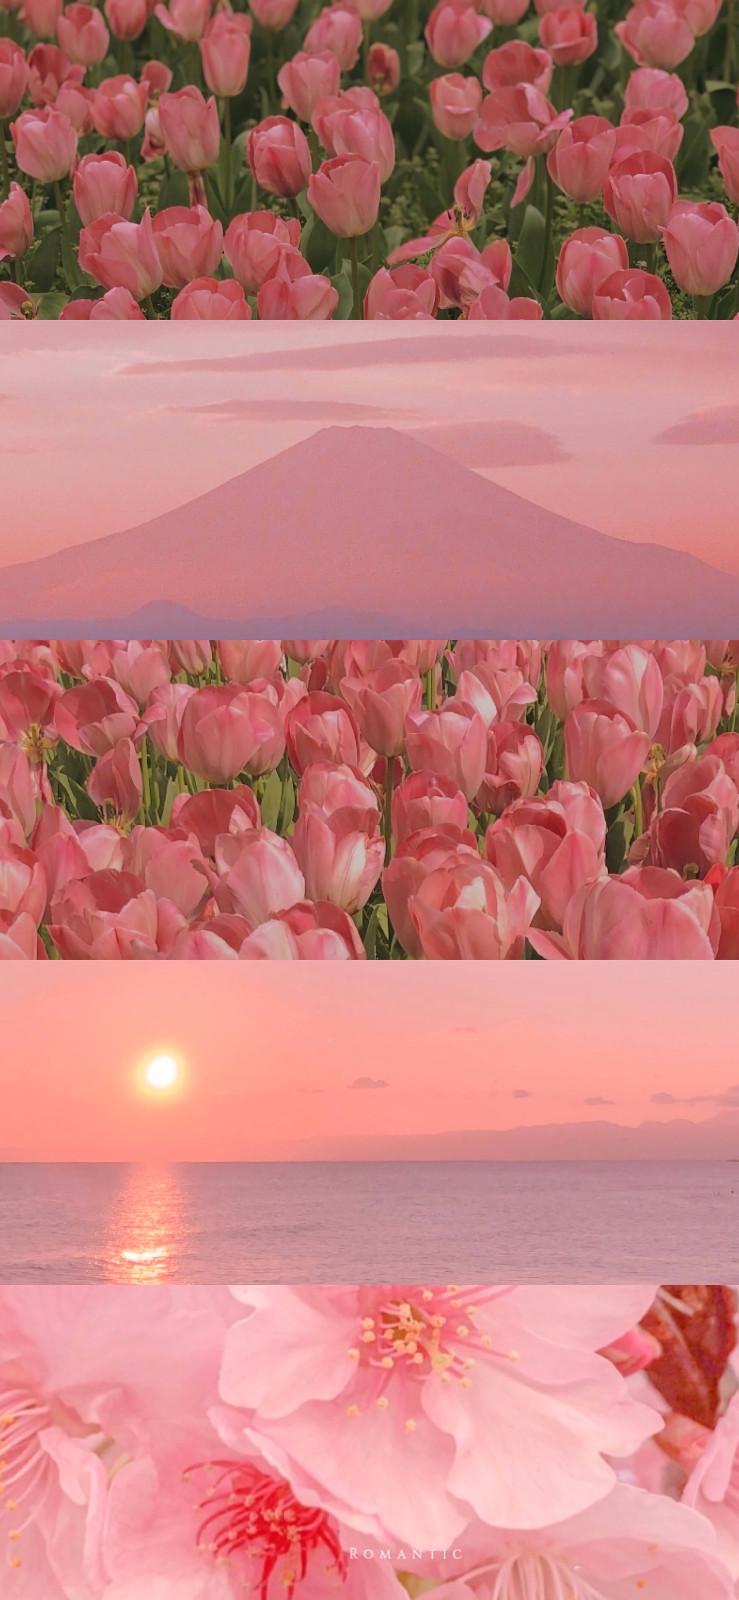 好看的粉色郁金香手机背景壁纸图片